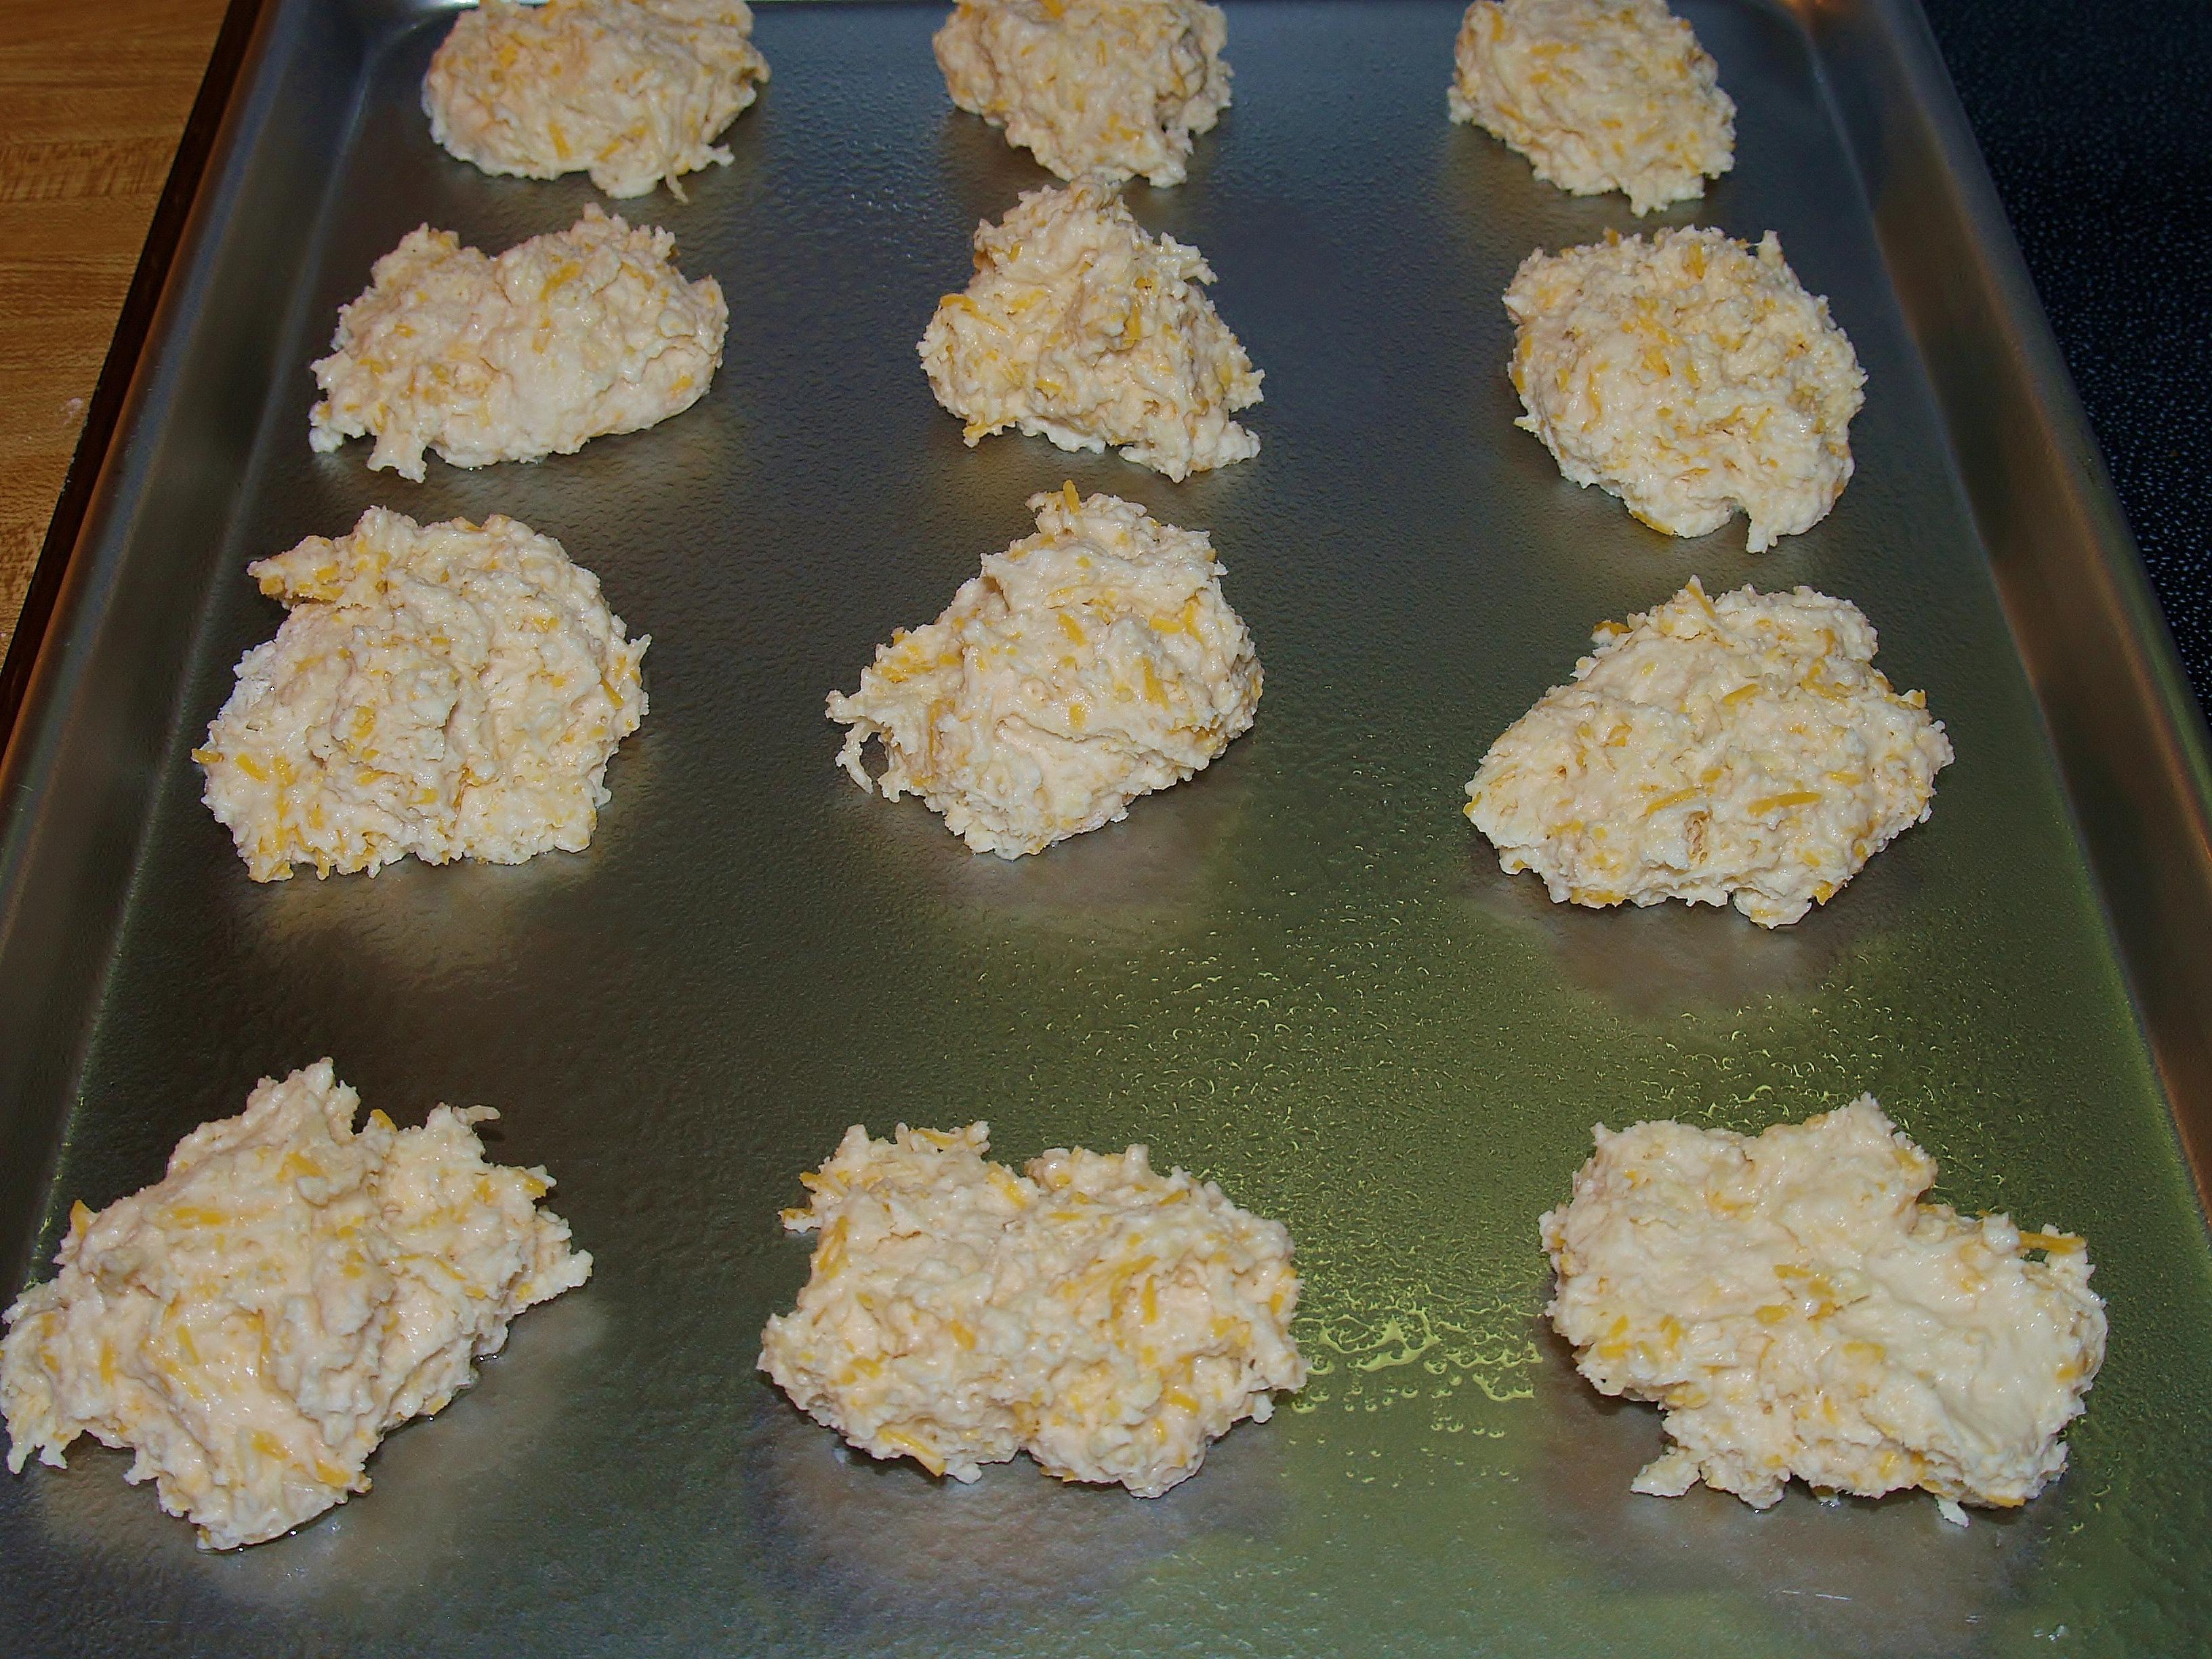 Cheddar Biscuits for My Valentine/Kelli's Retro Kitchen Arts